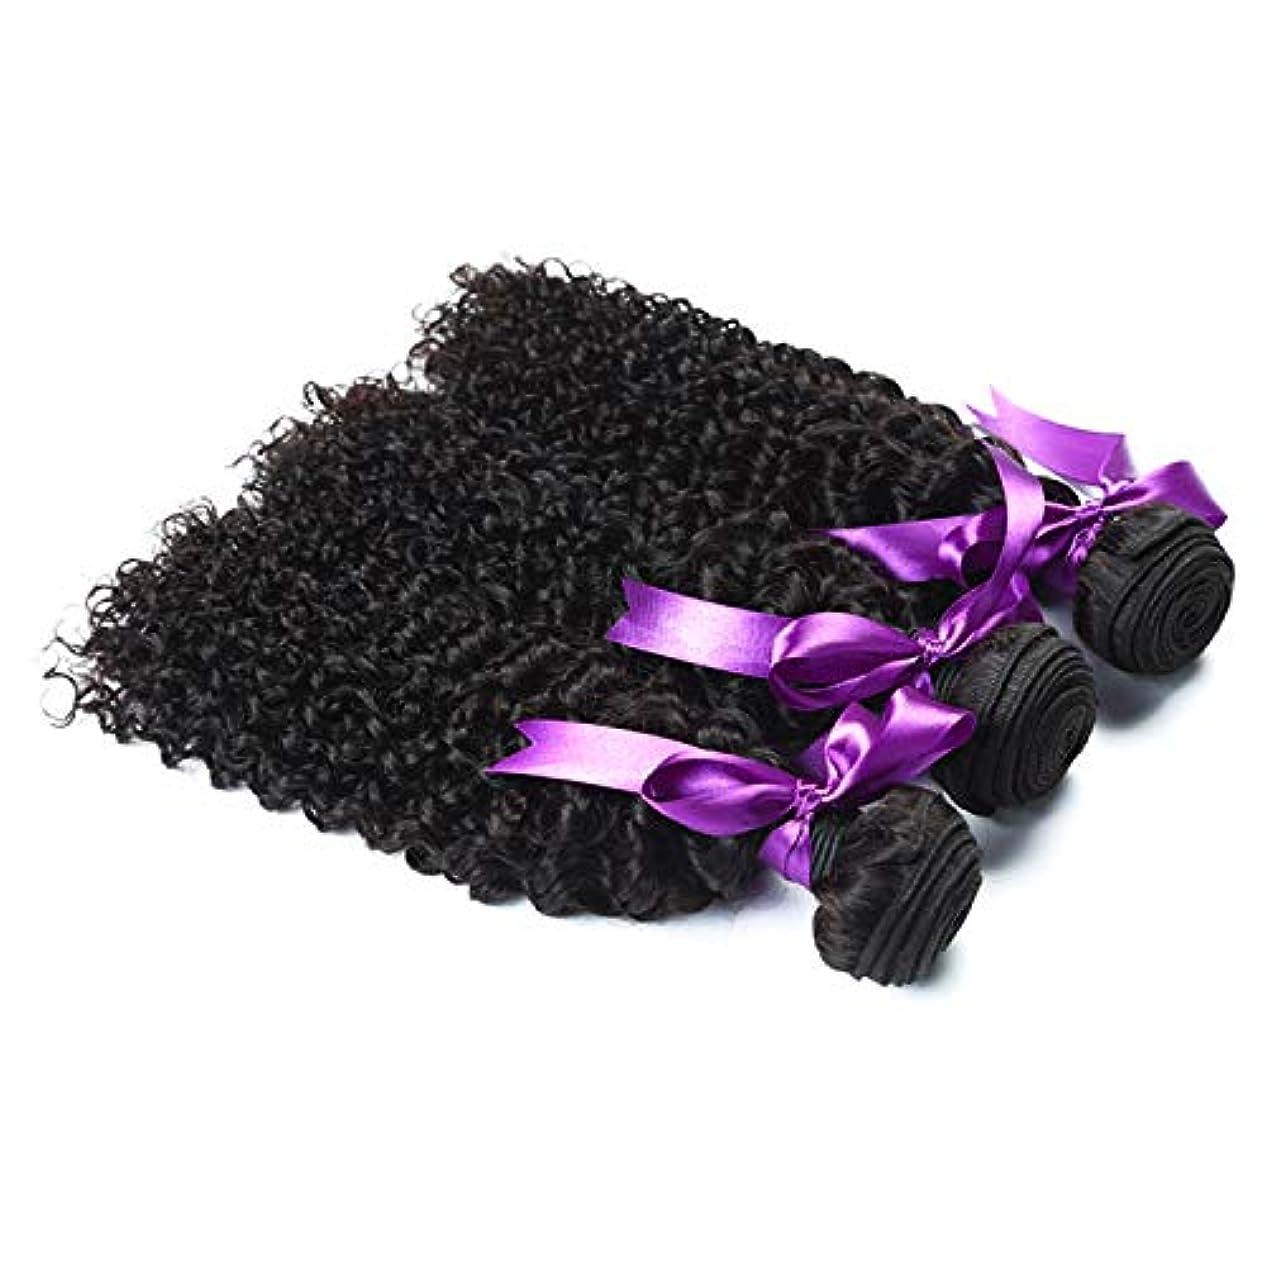 秘密の平手打ちソーセージマレーシアの変態巻き毛3束お得な価格非Remy人間の髪織りエクステンションナチュラルブラック人間の髪の毛のかつら (Length : 26 28 28)